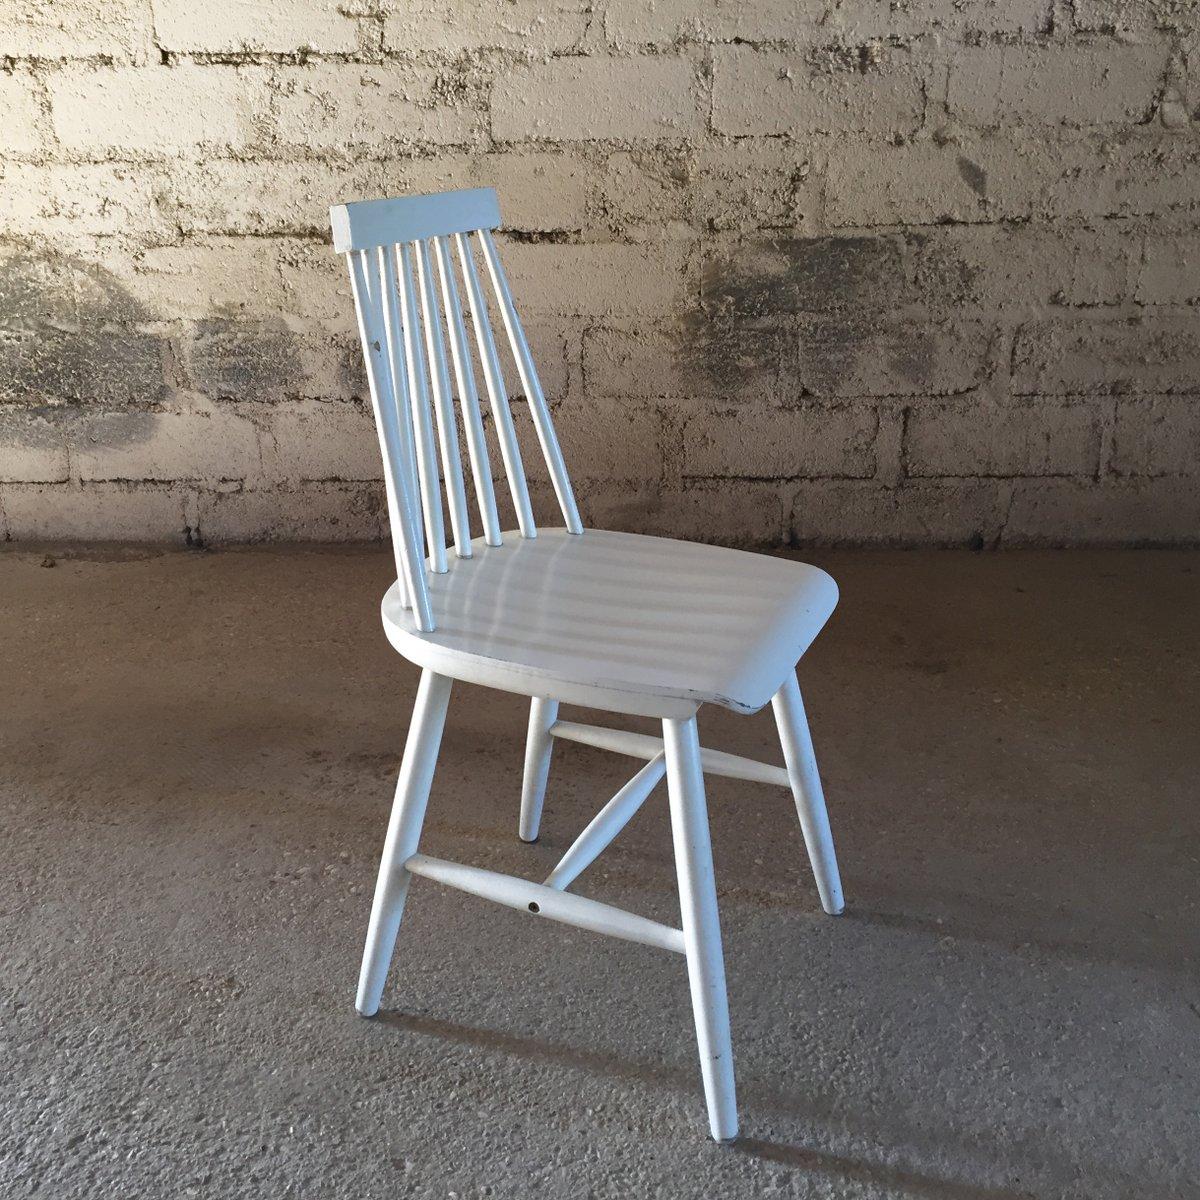 Ikea Para Silla Ilmari De Vintage Tapiovaara Fanett jc5LA4Rq3S